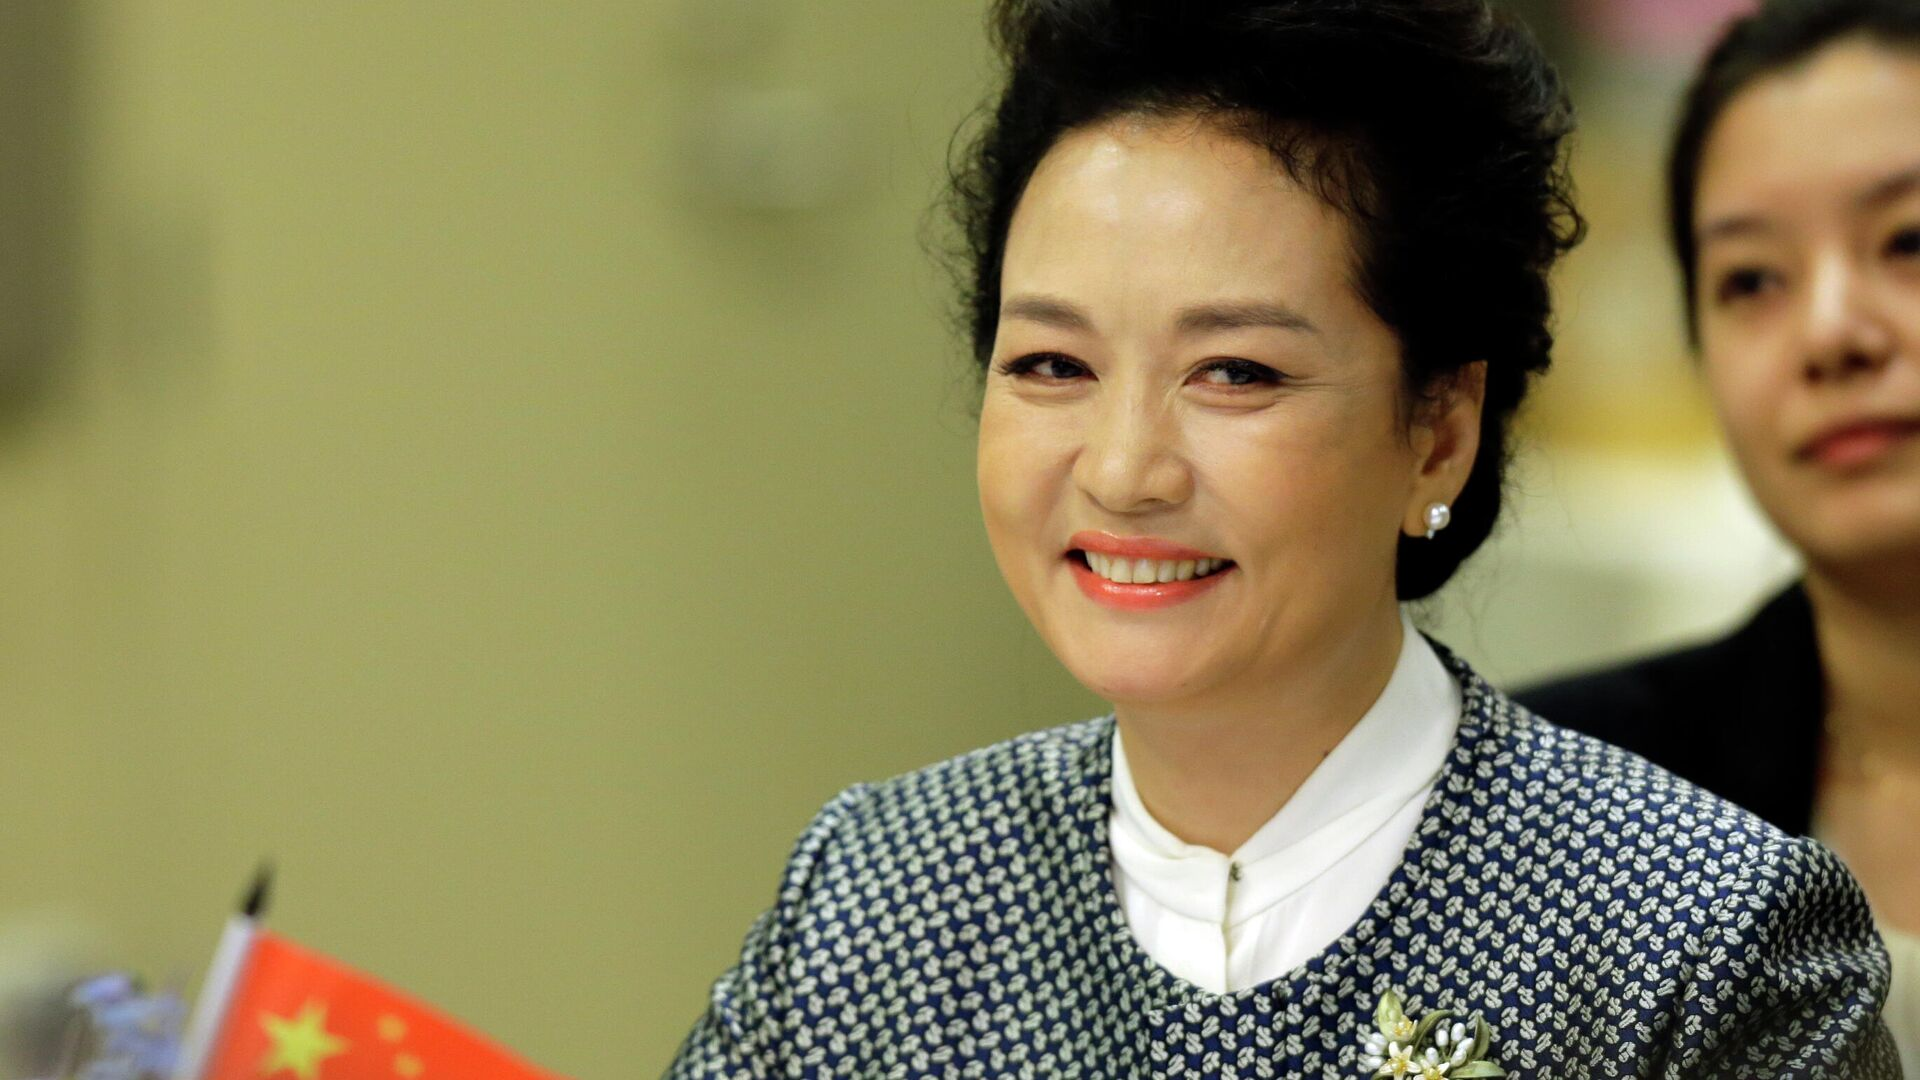 Пэн Лиюань, cупруга председателя КНР Си Цзиньпина, спецпосланник ЮНЕСКО по содействию образованию девочек и женщин  - РИА Новости, 1920, 21.07.2021